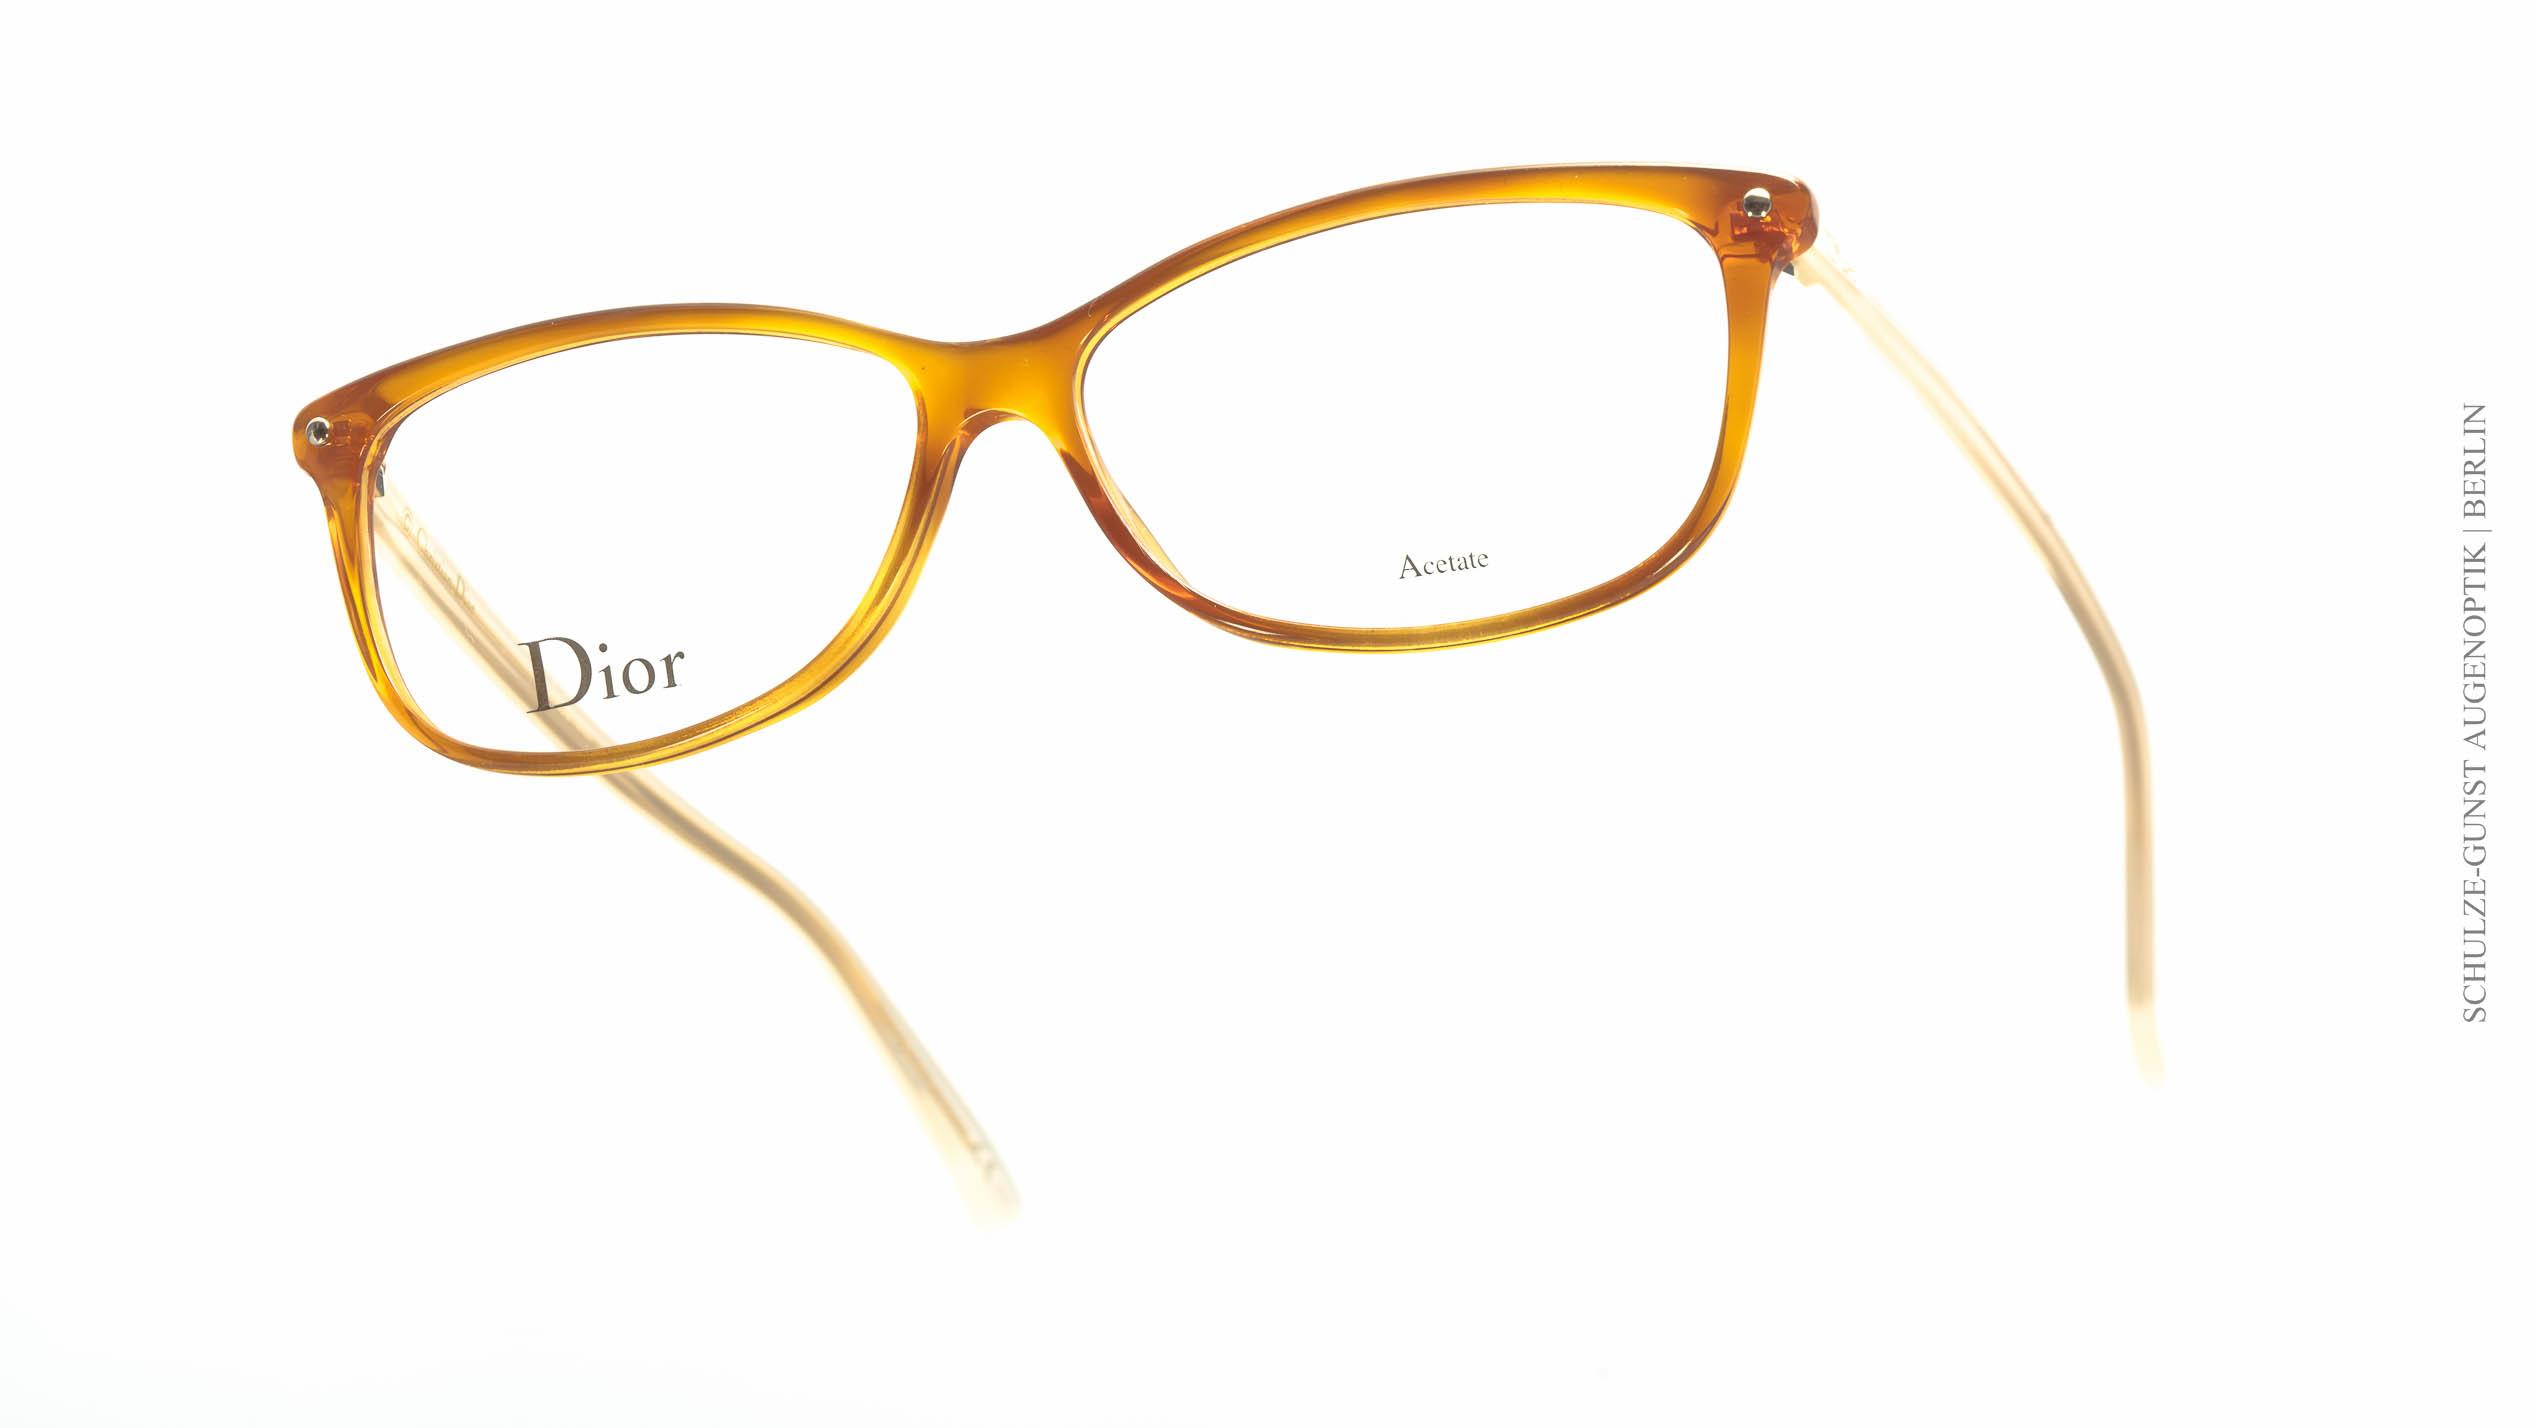 7819 – Dior / 3271 - SCHULZE-GUNST Augenoptik seit 1894